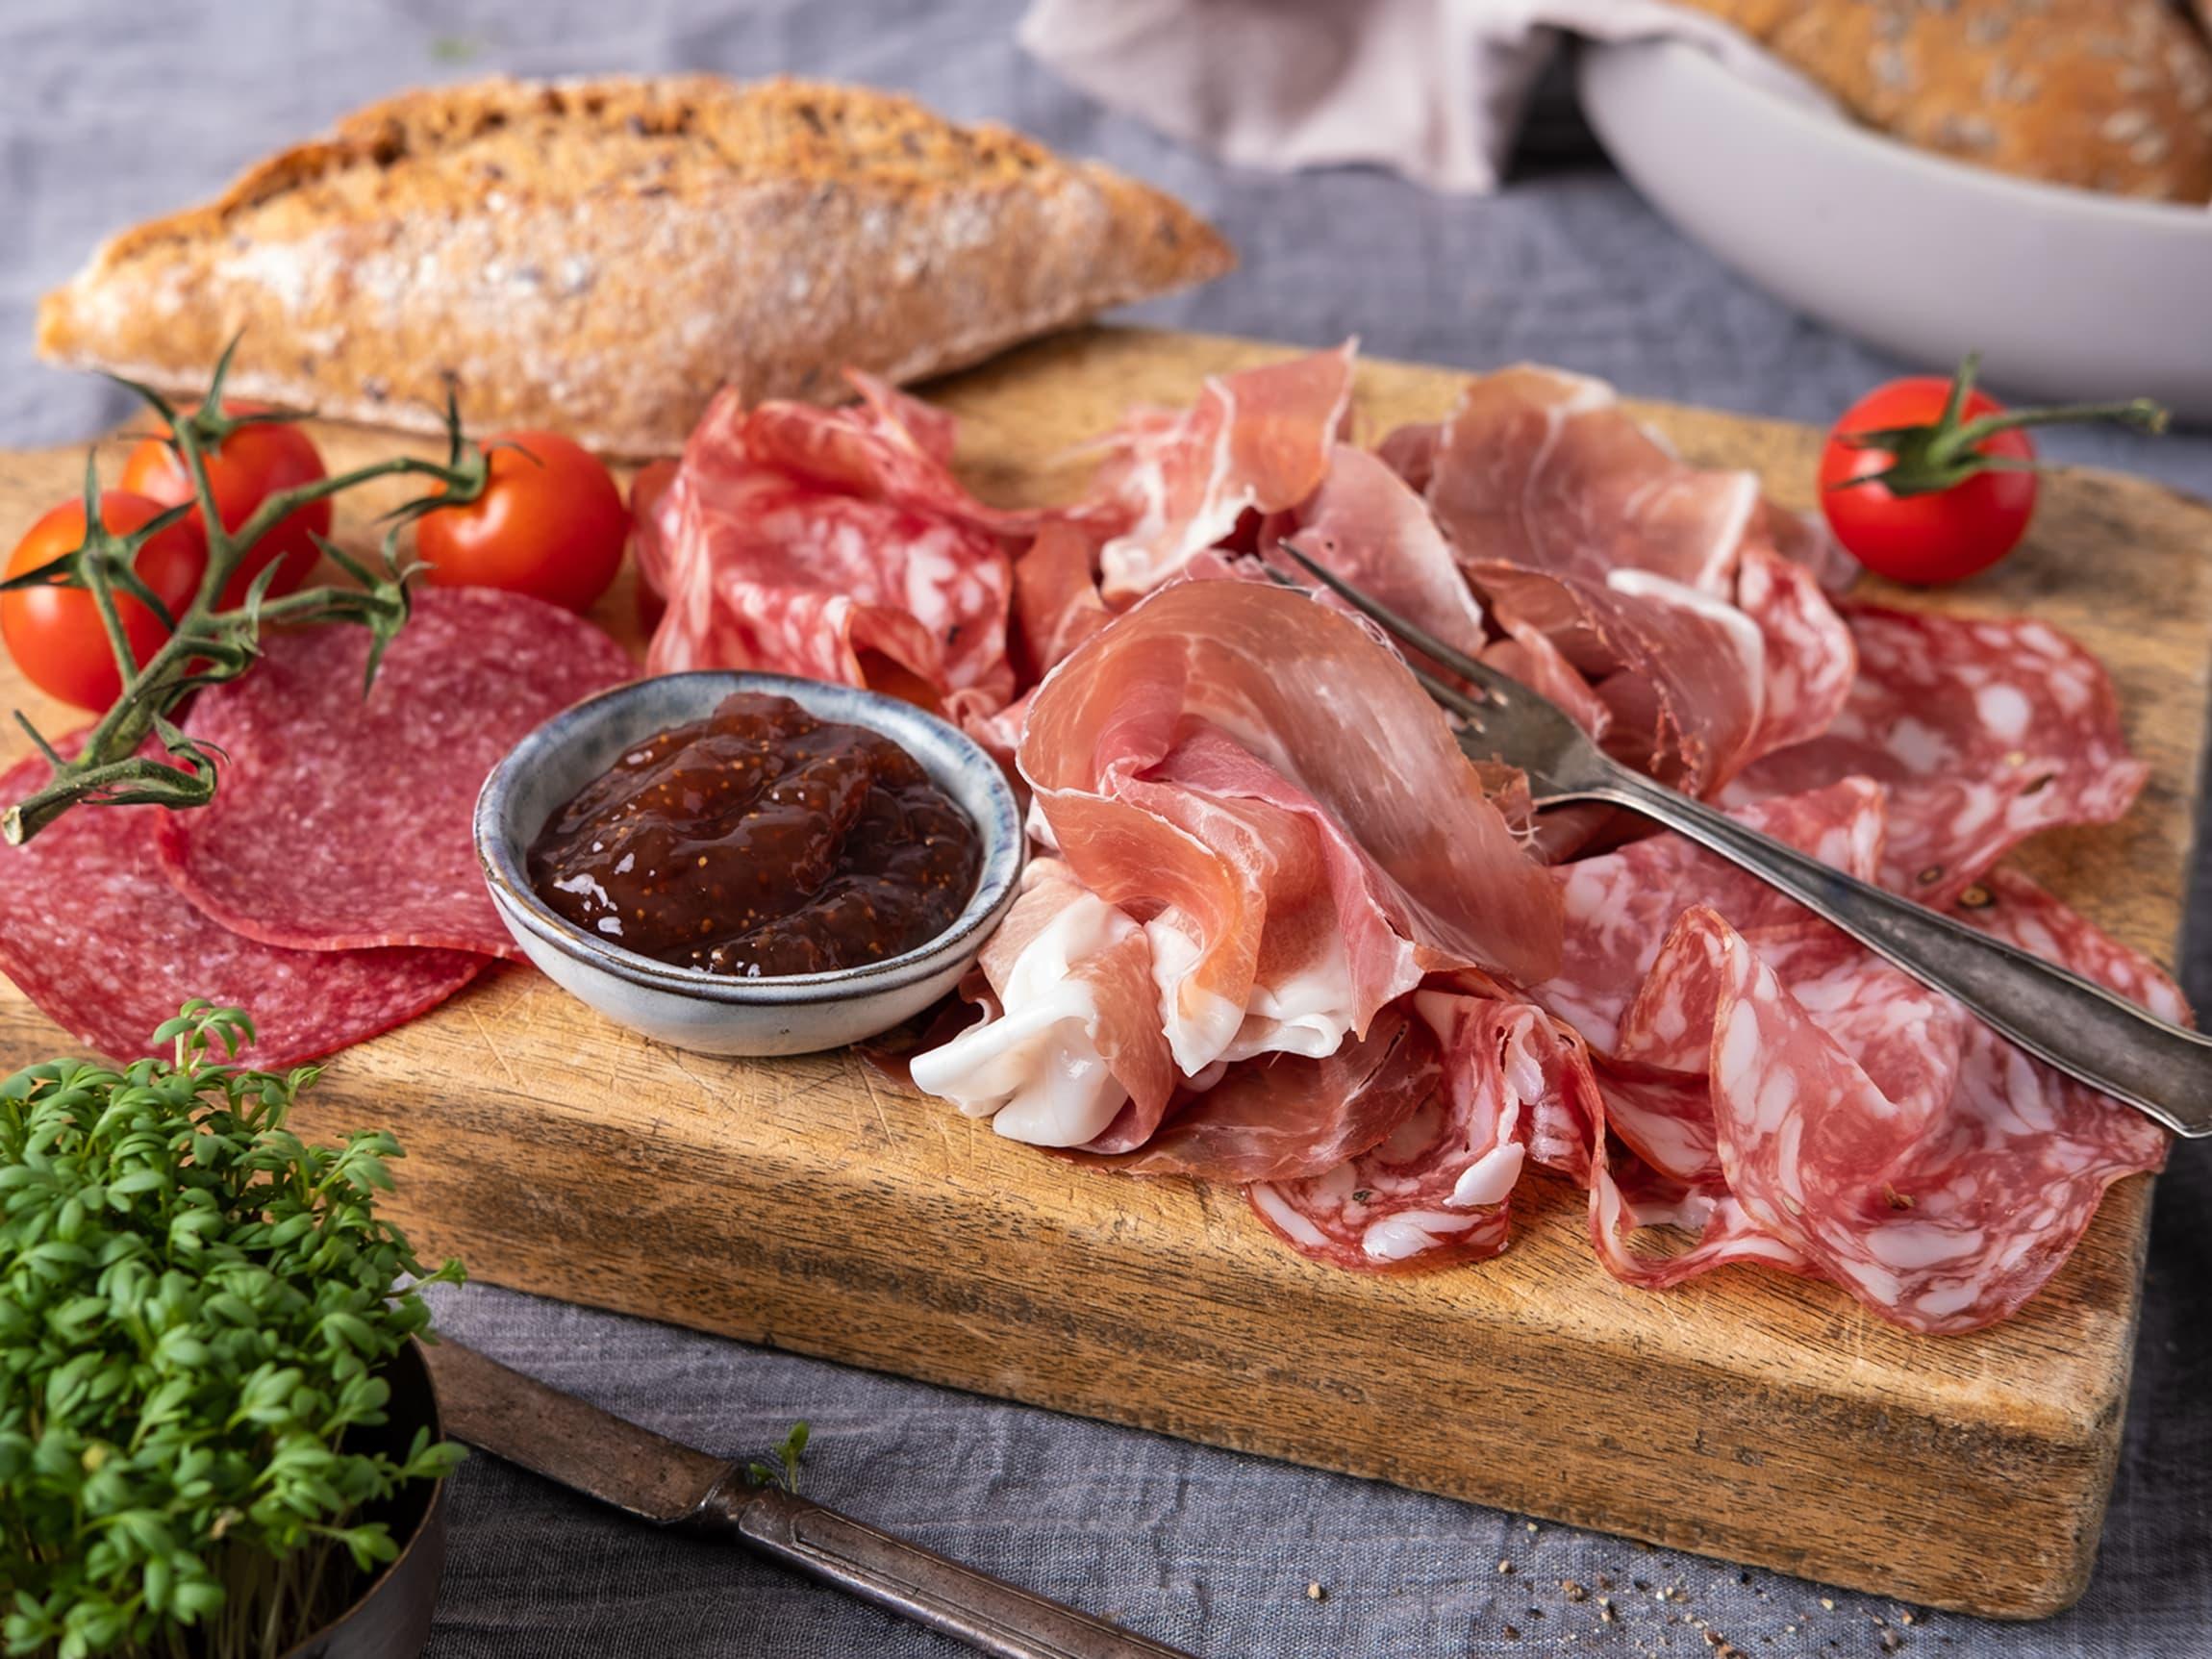 Sett frem et fat med salami og spekeskinker til frokost.